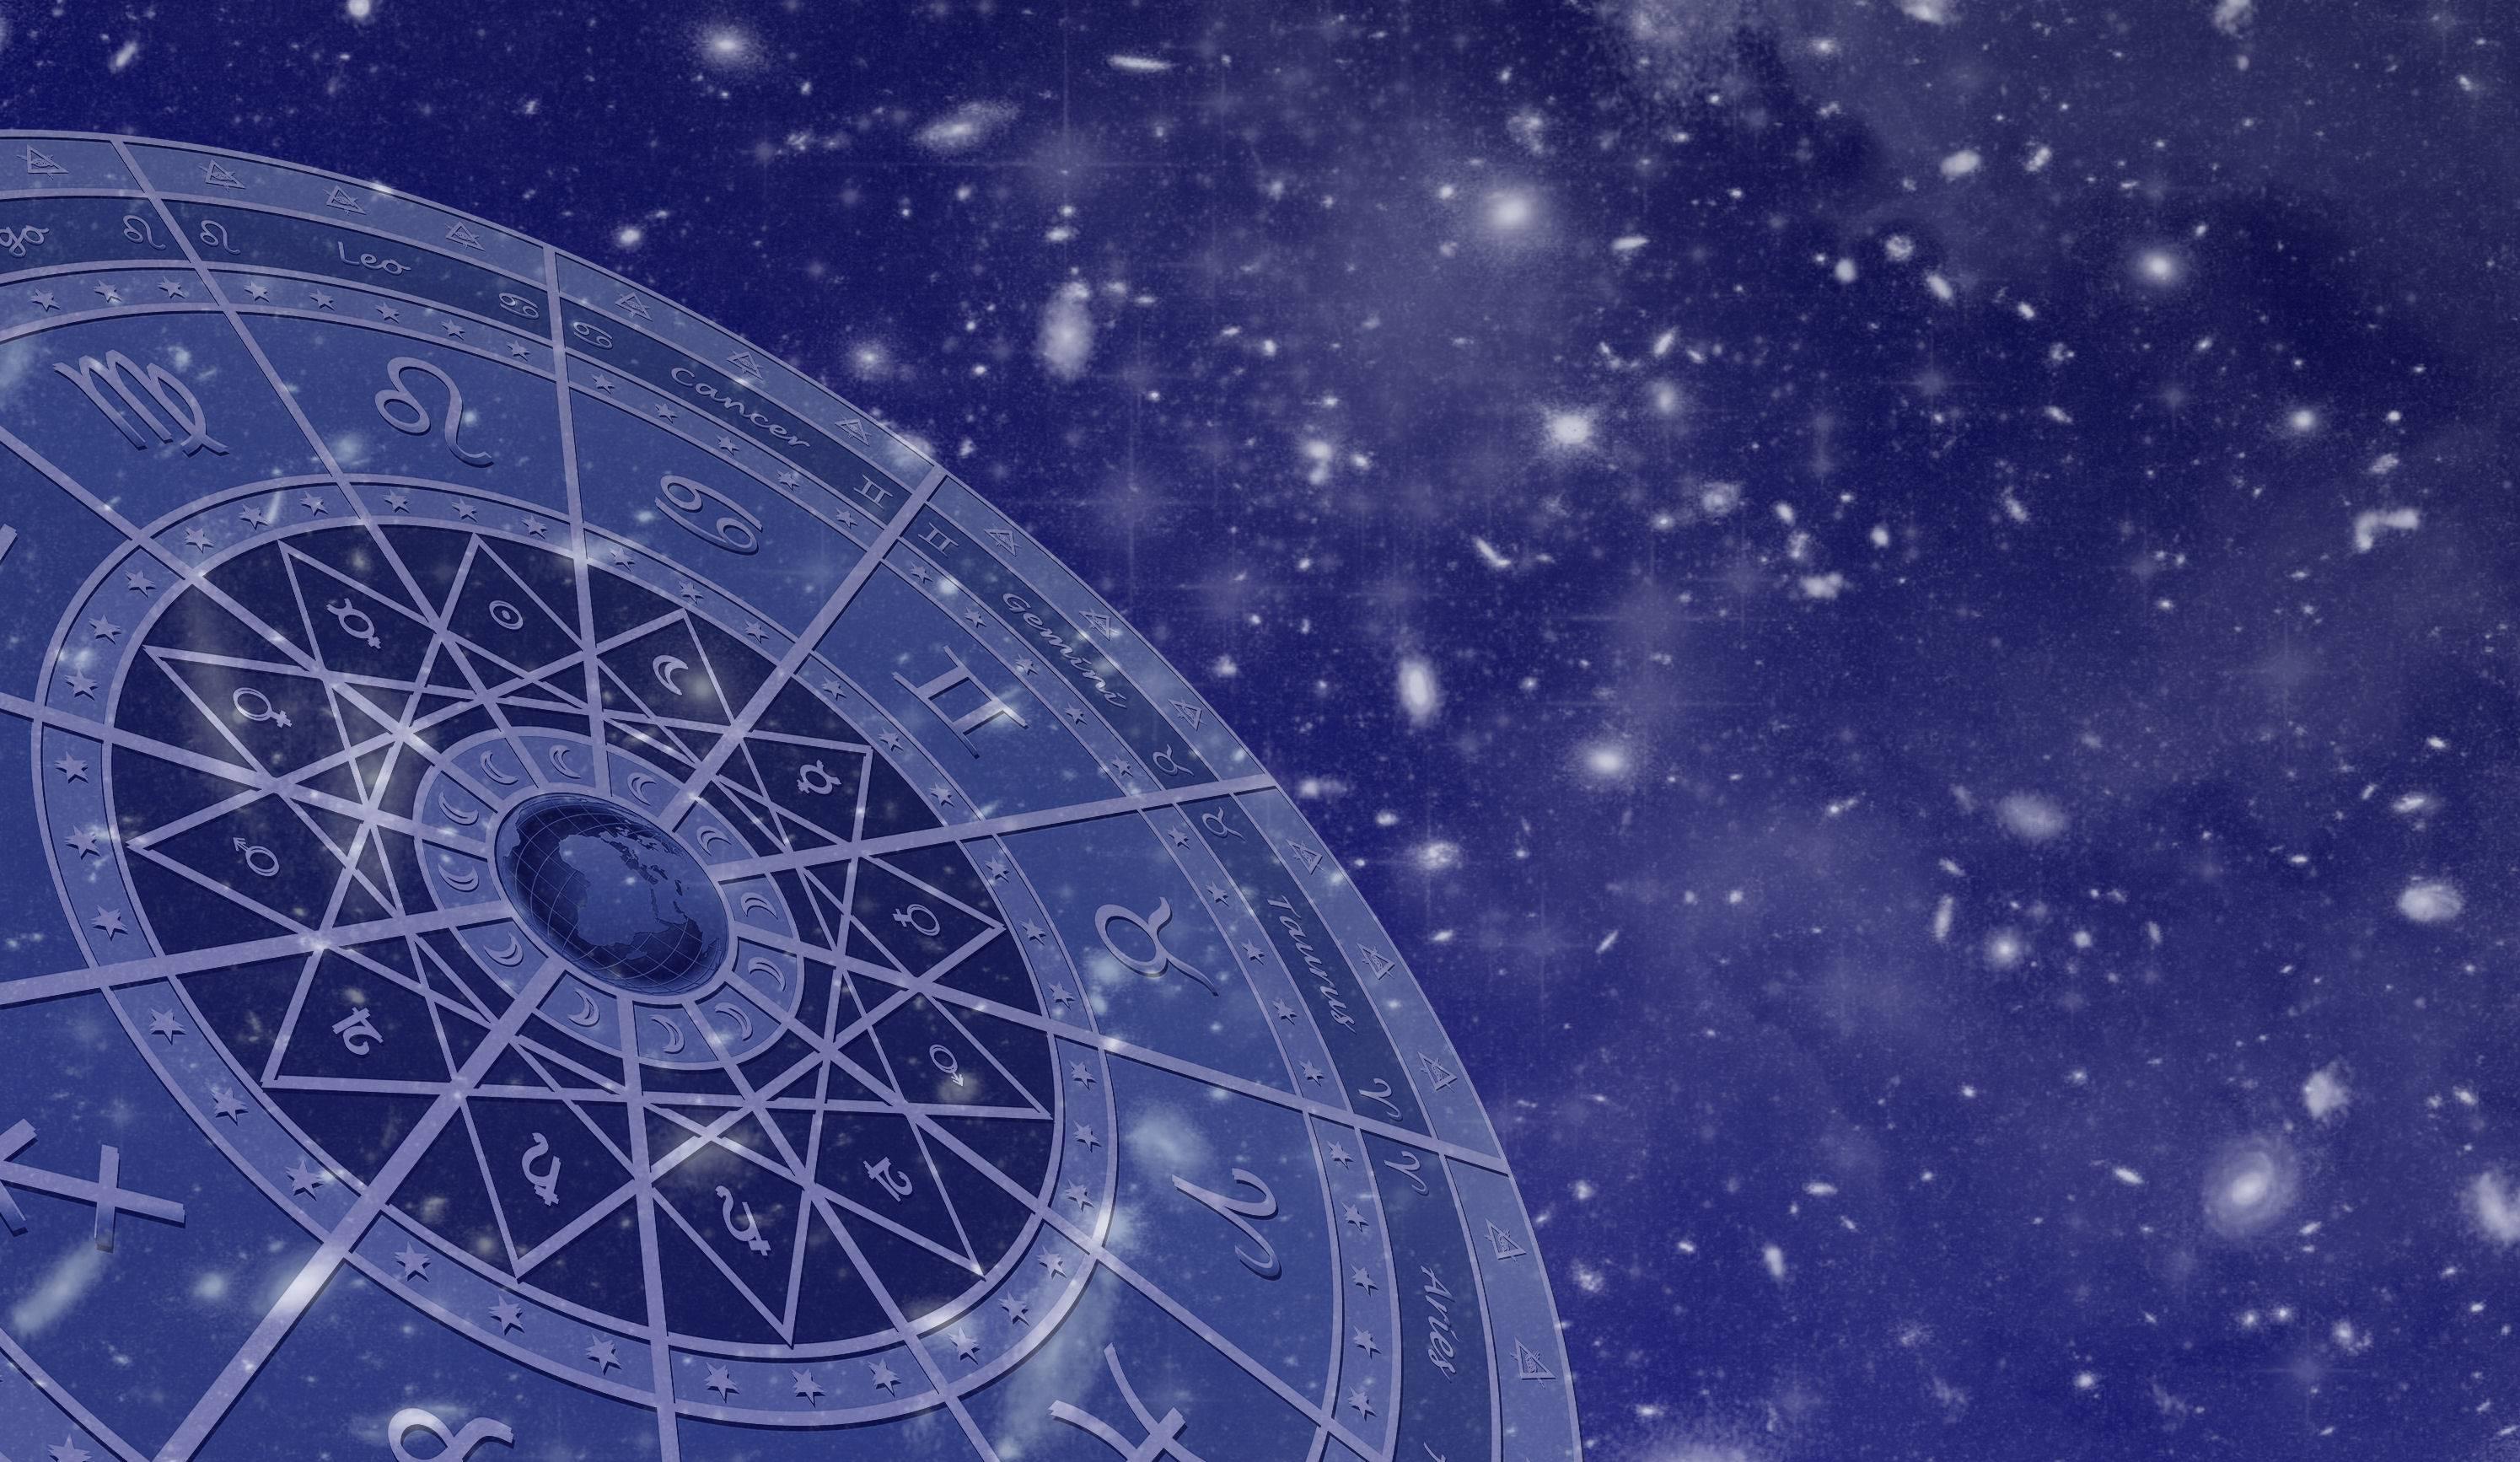 Horoskop – zašto ga čitamo?